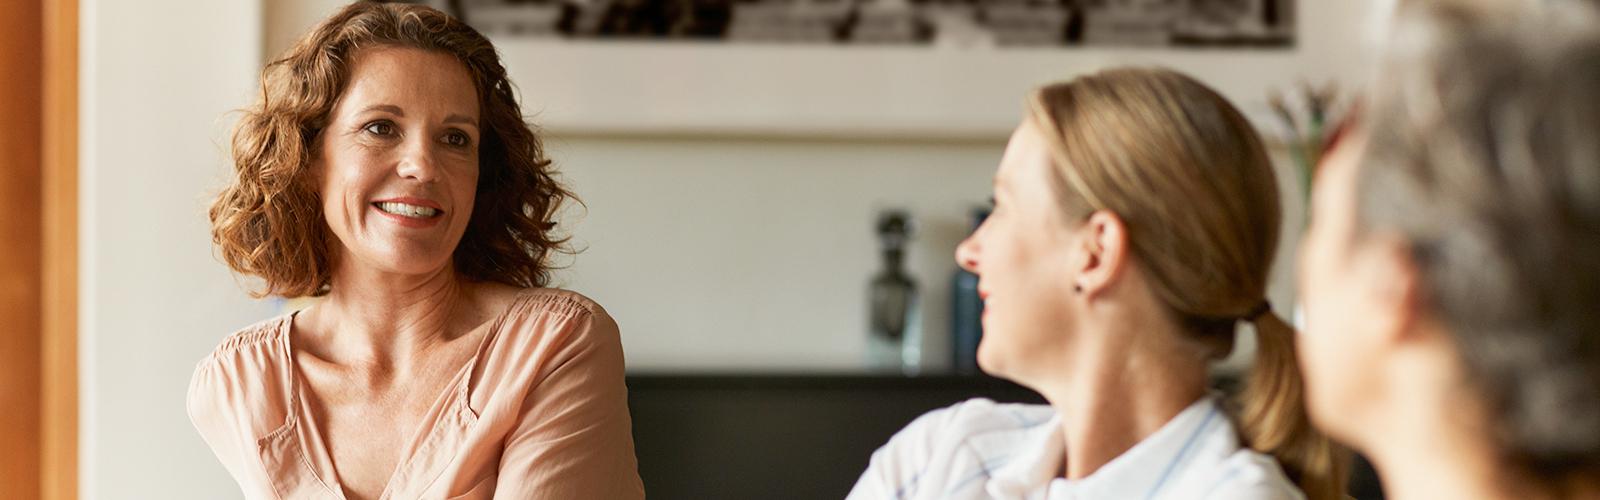 Kolm küpses eas naist istuvad elutoas diivanil ja vestlevad